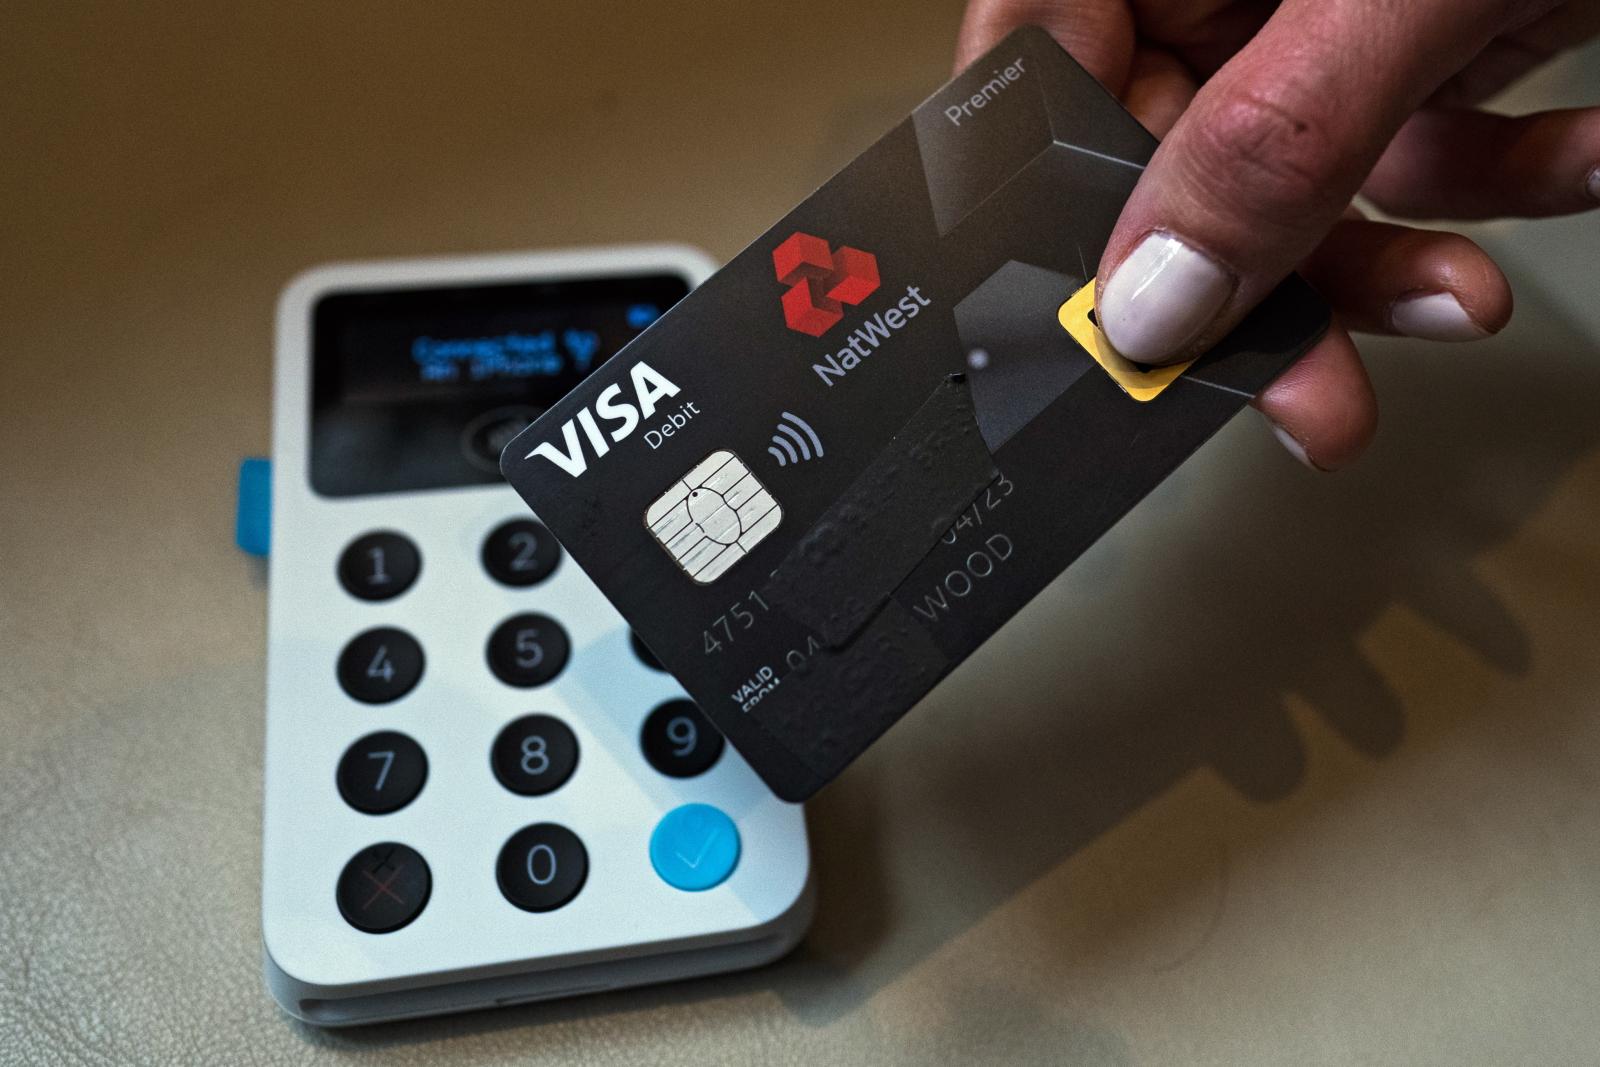 Premiera biometrycznej karty debetowej, Londyn/ EPA/WILL OLIVER